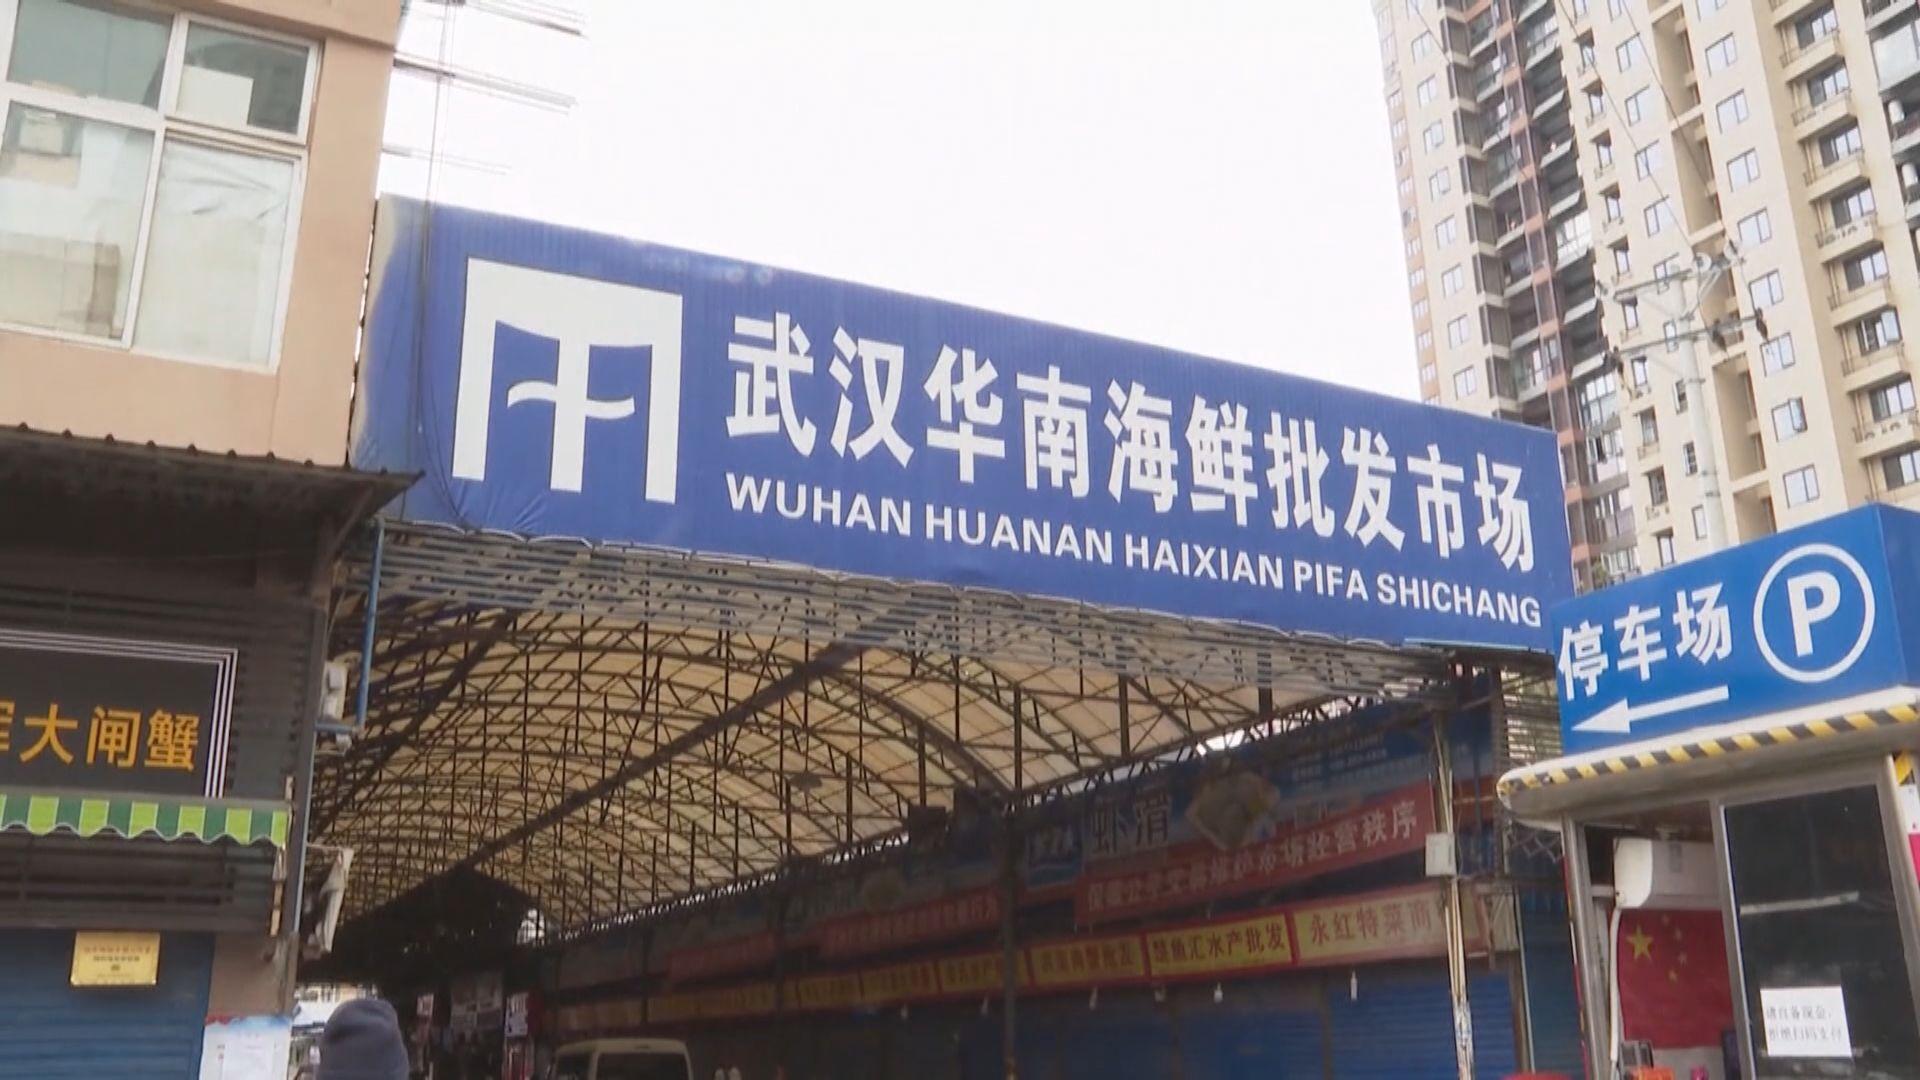 外交部:反對將病毒溯源問題政治化